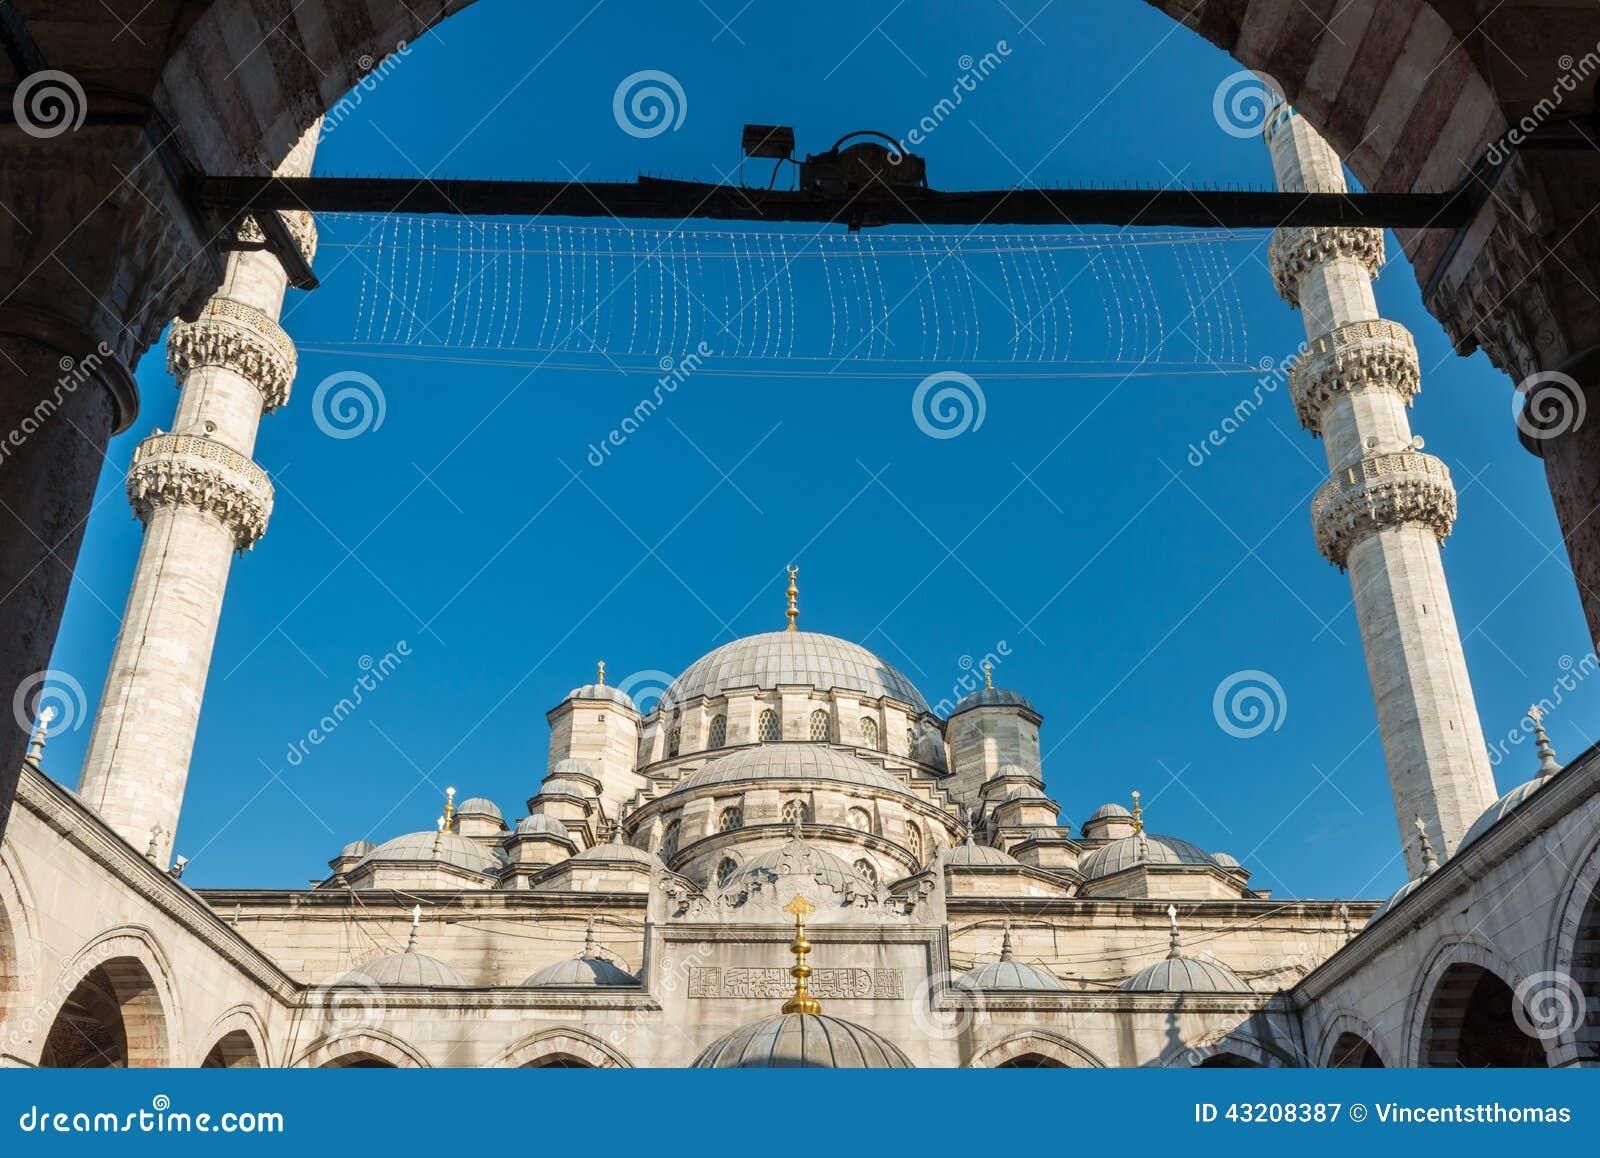 Download Ny moské fotografering för bildbyråer. Bild av ställe - 43208387